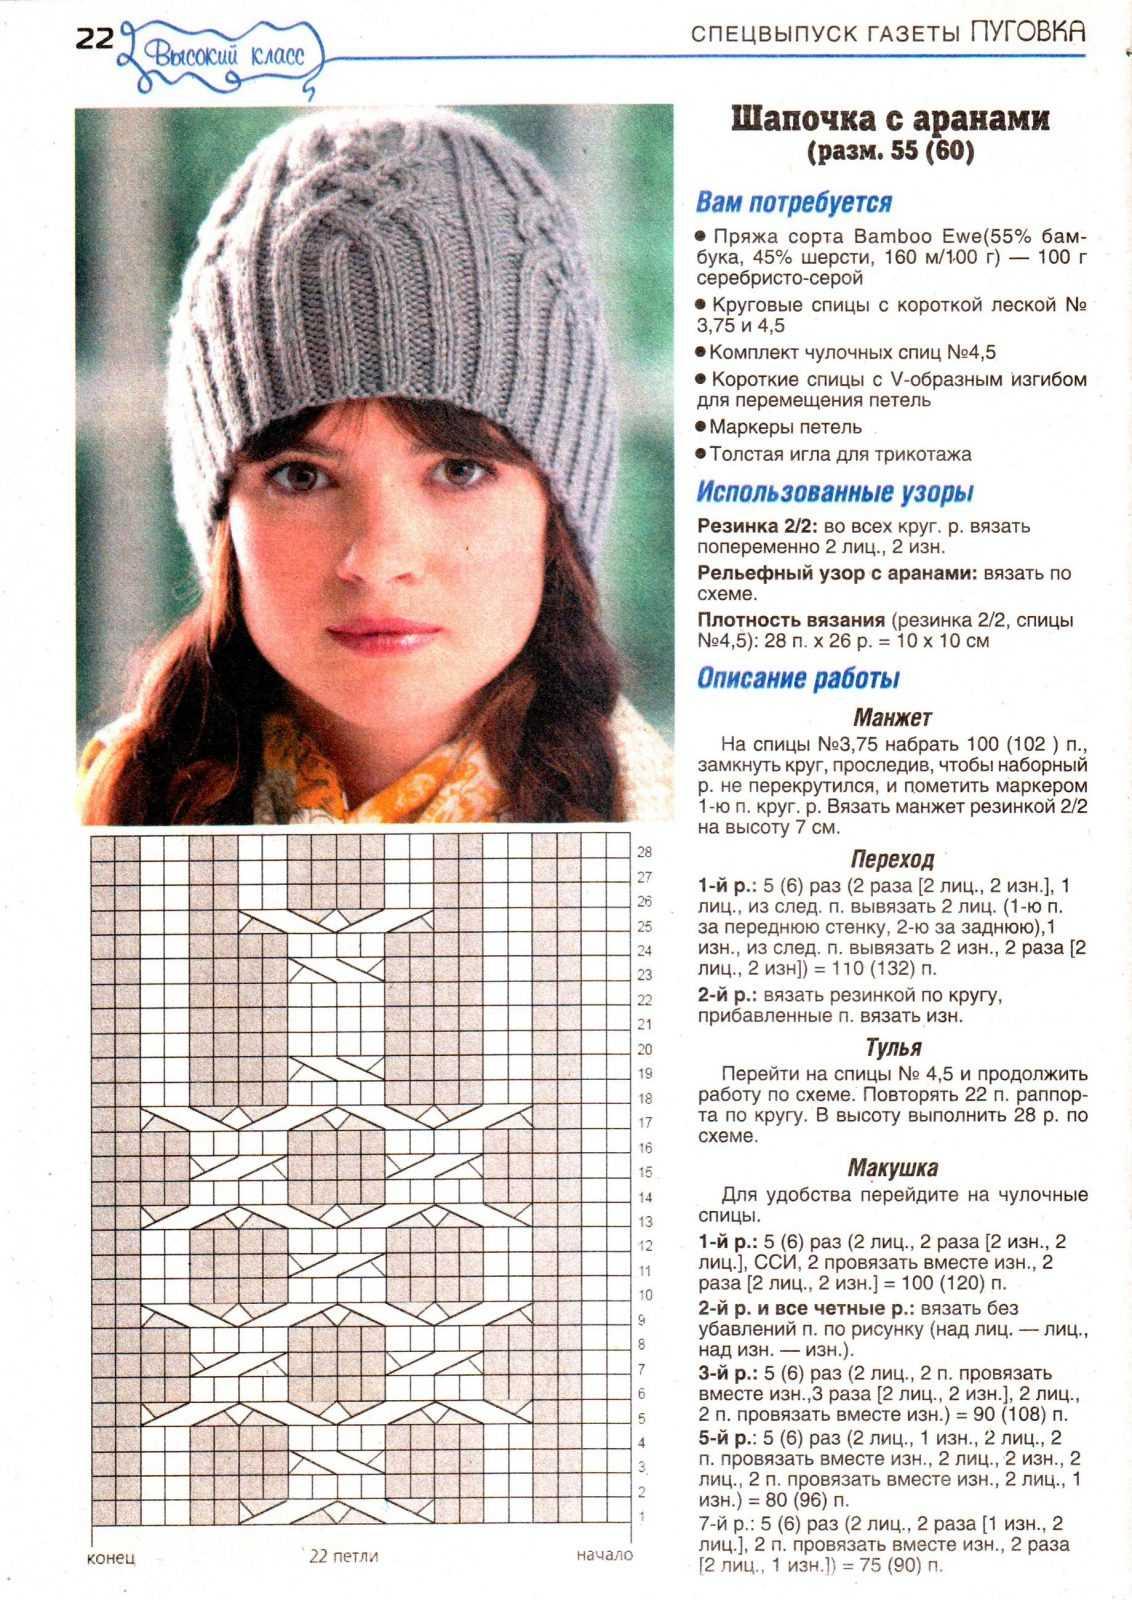 изучаем узоры для вязания спицами шапок по схеме с описанием